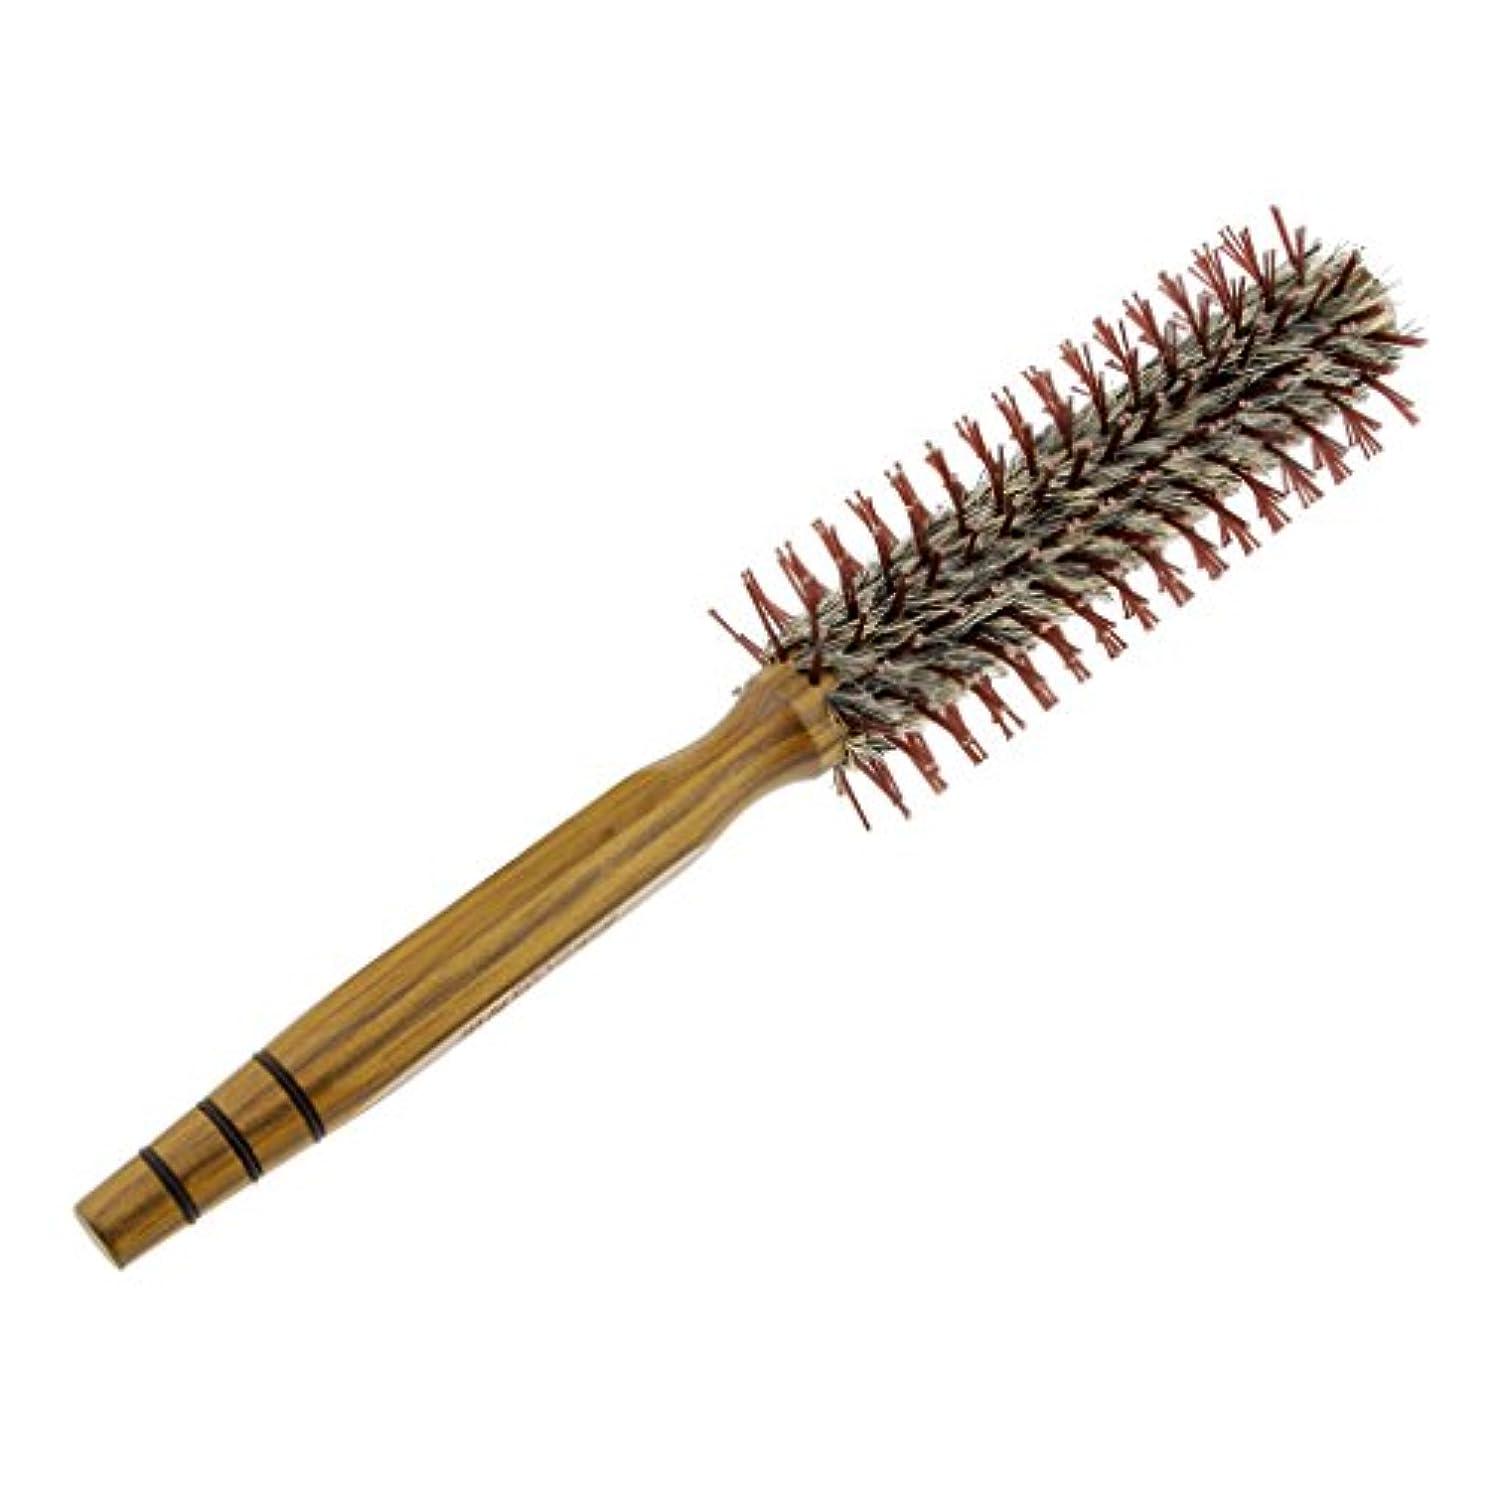 落ちた小売決定するドレッシングの巻き毛のイノシシのブラシの櫛を様式化する木の円形のヘアブラシの大広間 - M